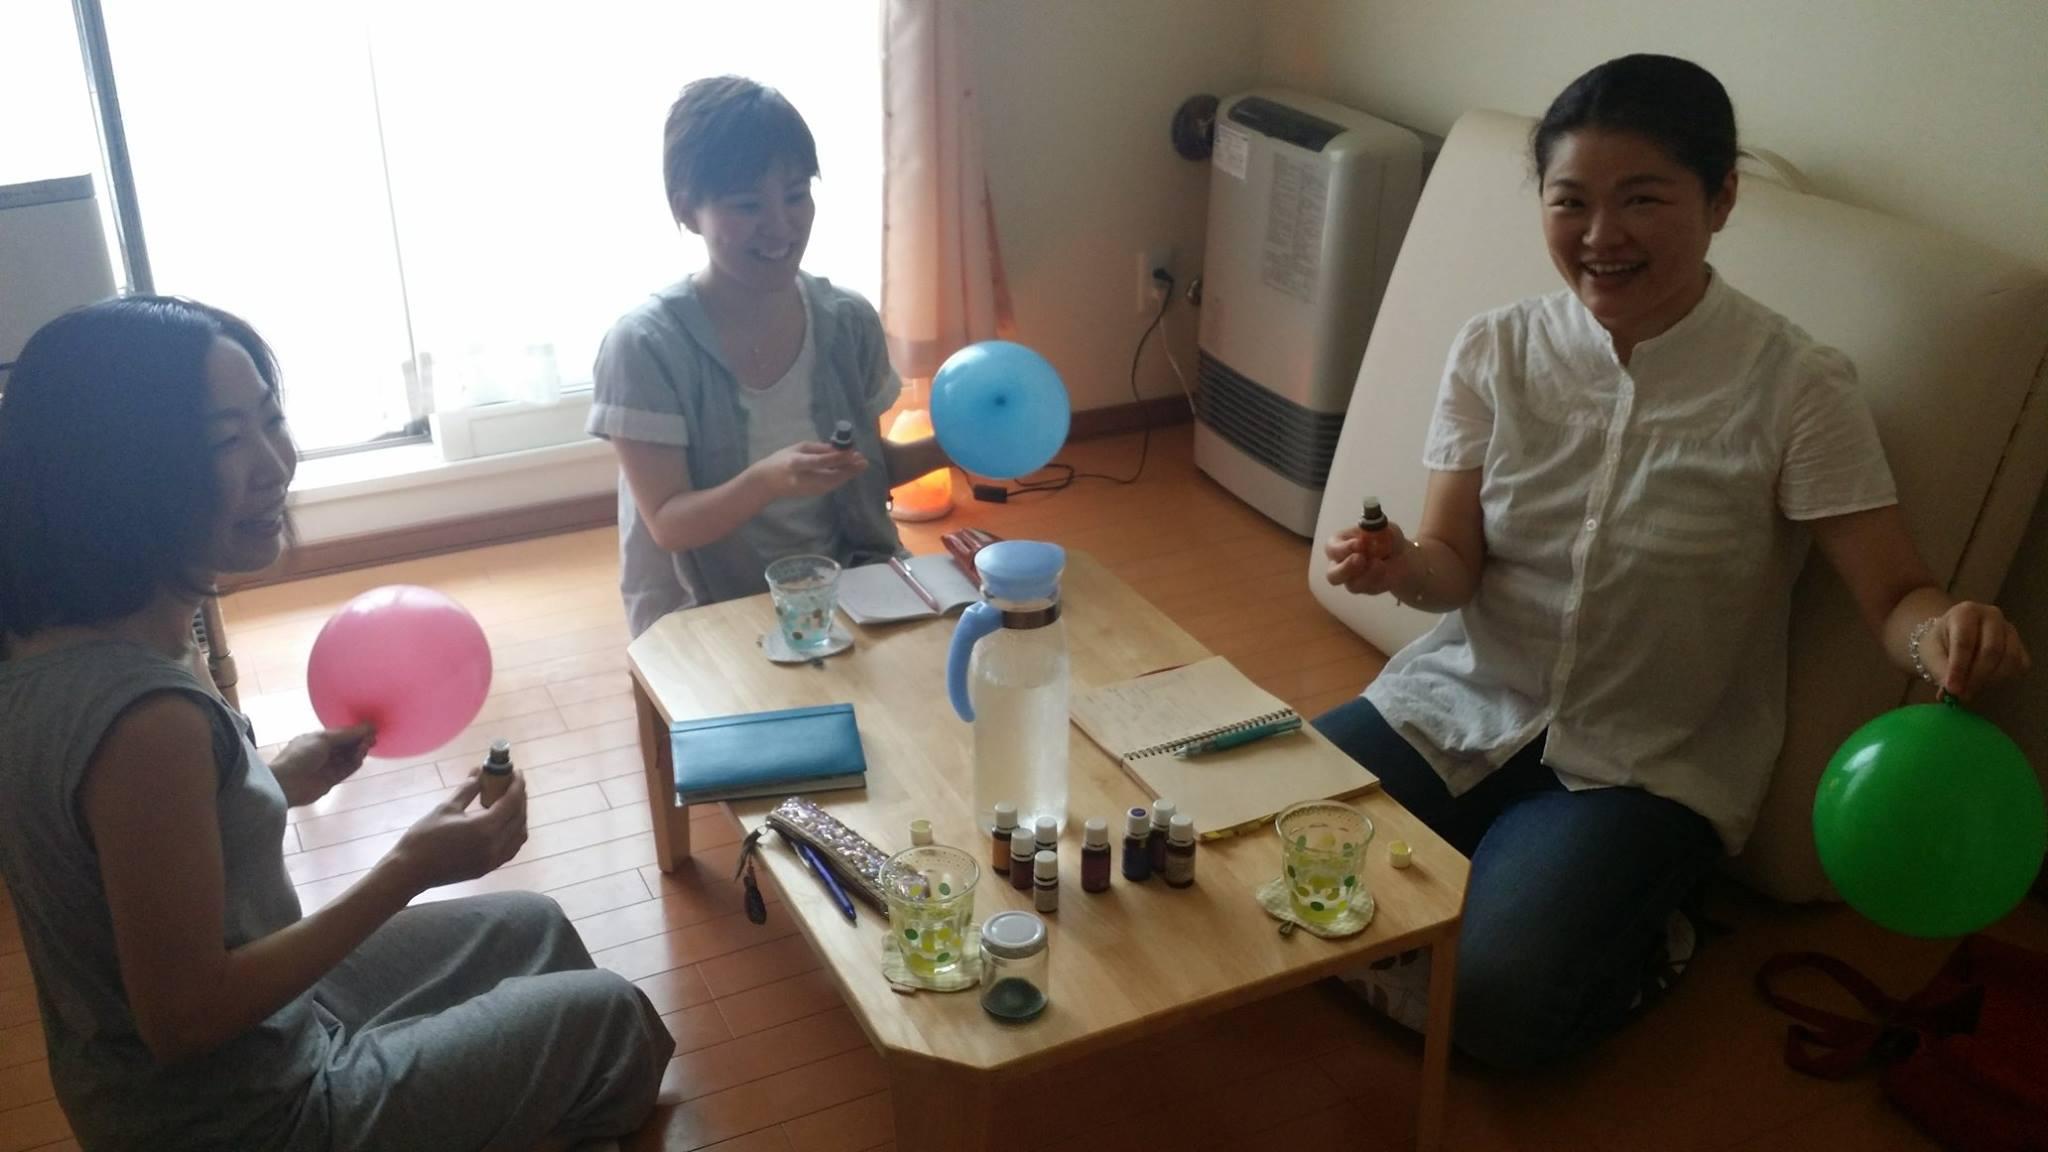 パーカスシェア会-風船実験